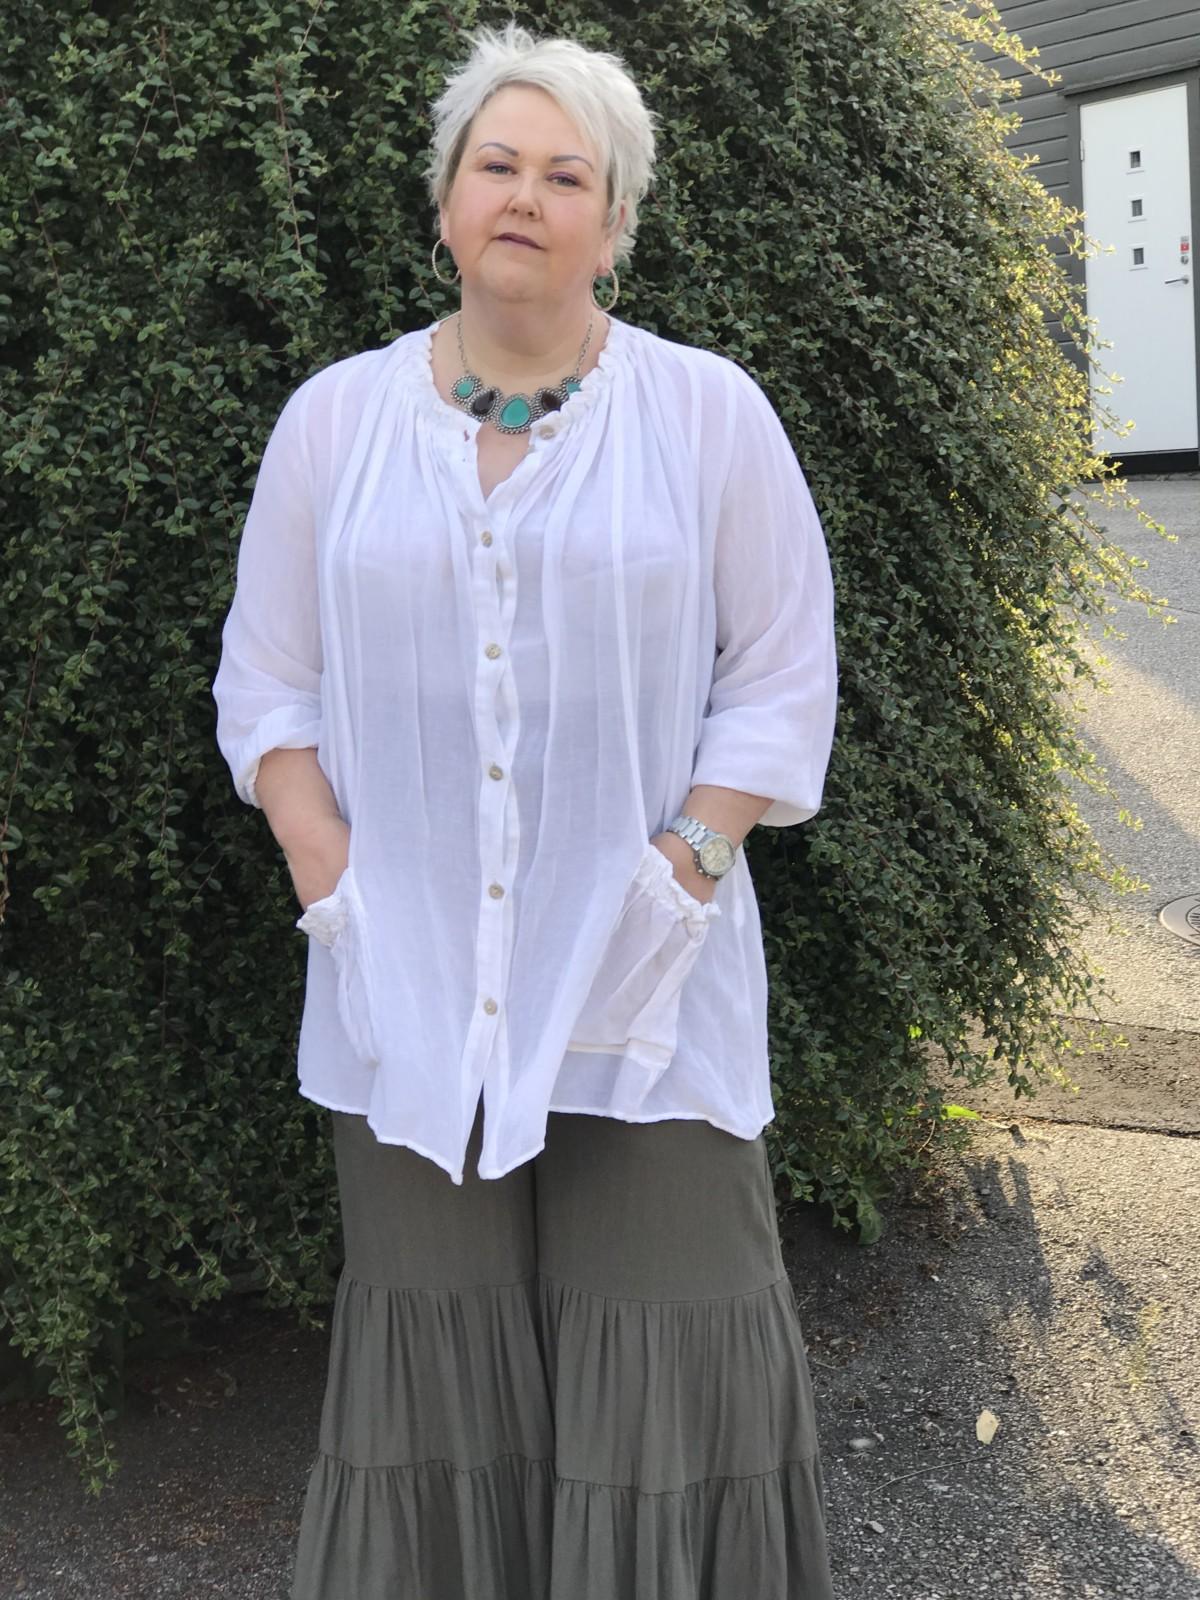 09e1246a Jeg har nemlig funnet meg bukse! Tenk deg det! Jeg har kjøpt meg bukse i en  ordinær butikk! Det skjer jo sånn ca aldri at jeg kan kjøpe ei bukse i en  ...